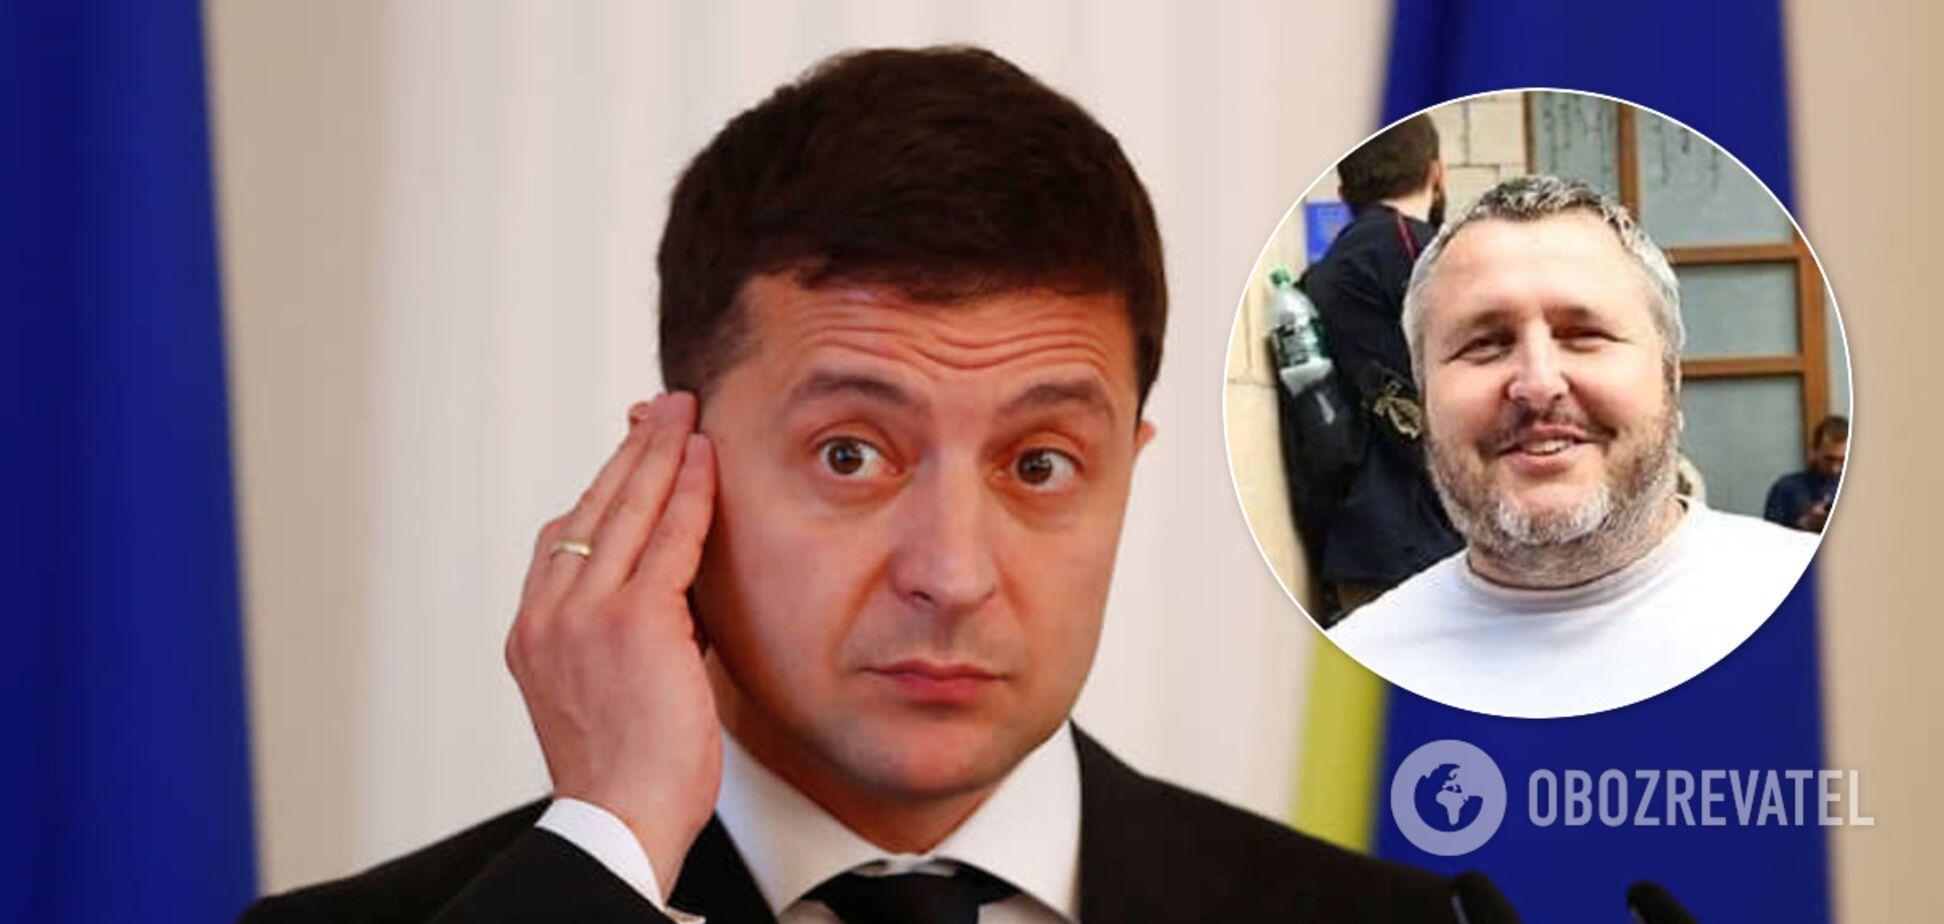 Майор ЗСУ, покараний за критику Зеленського, написав рапорт про відставку